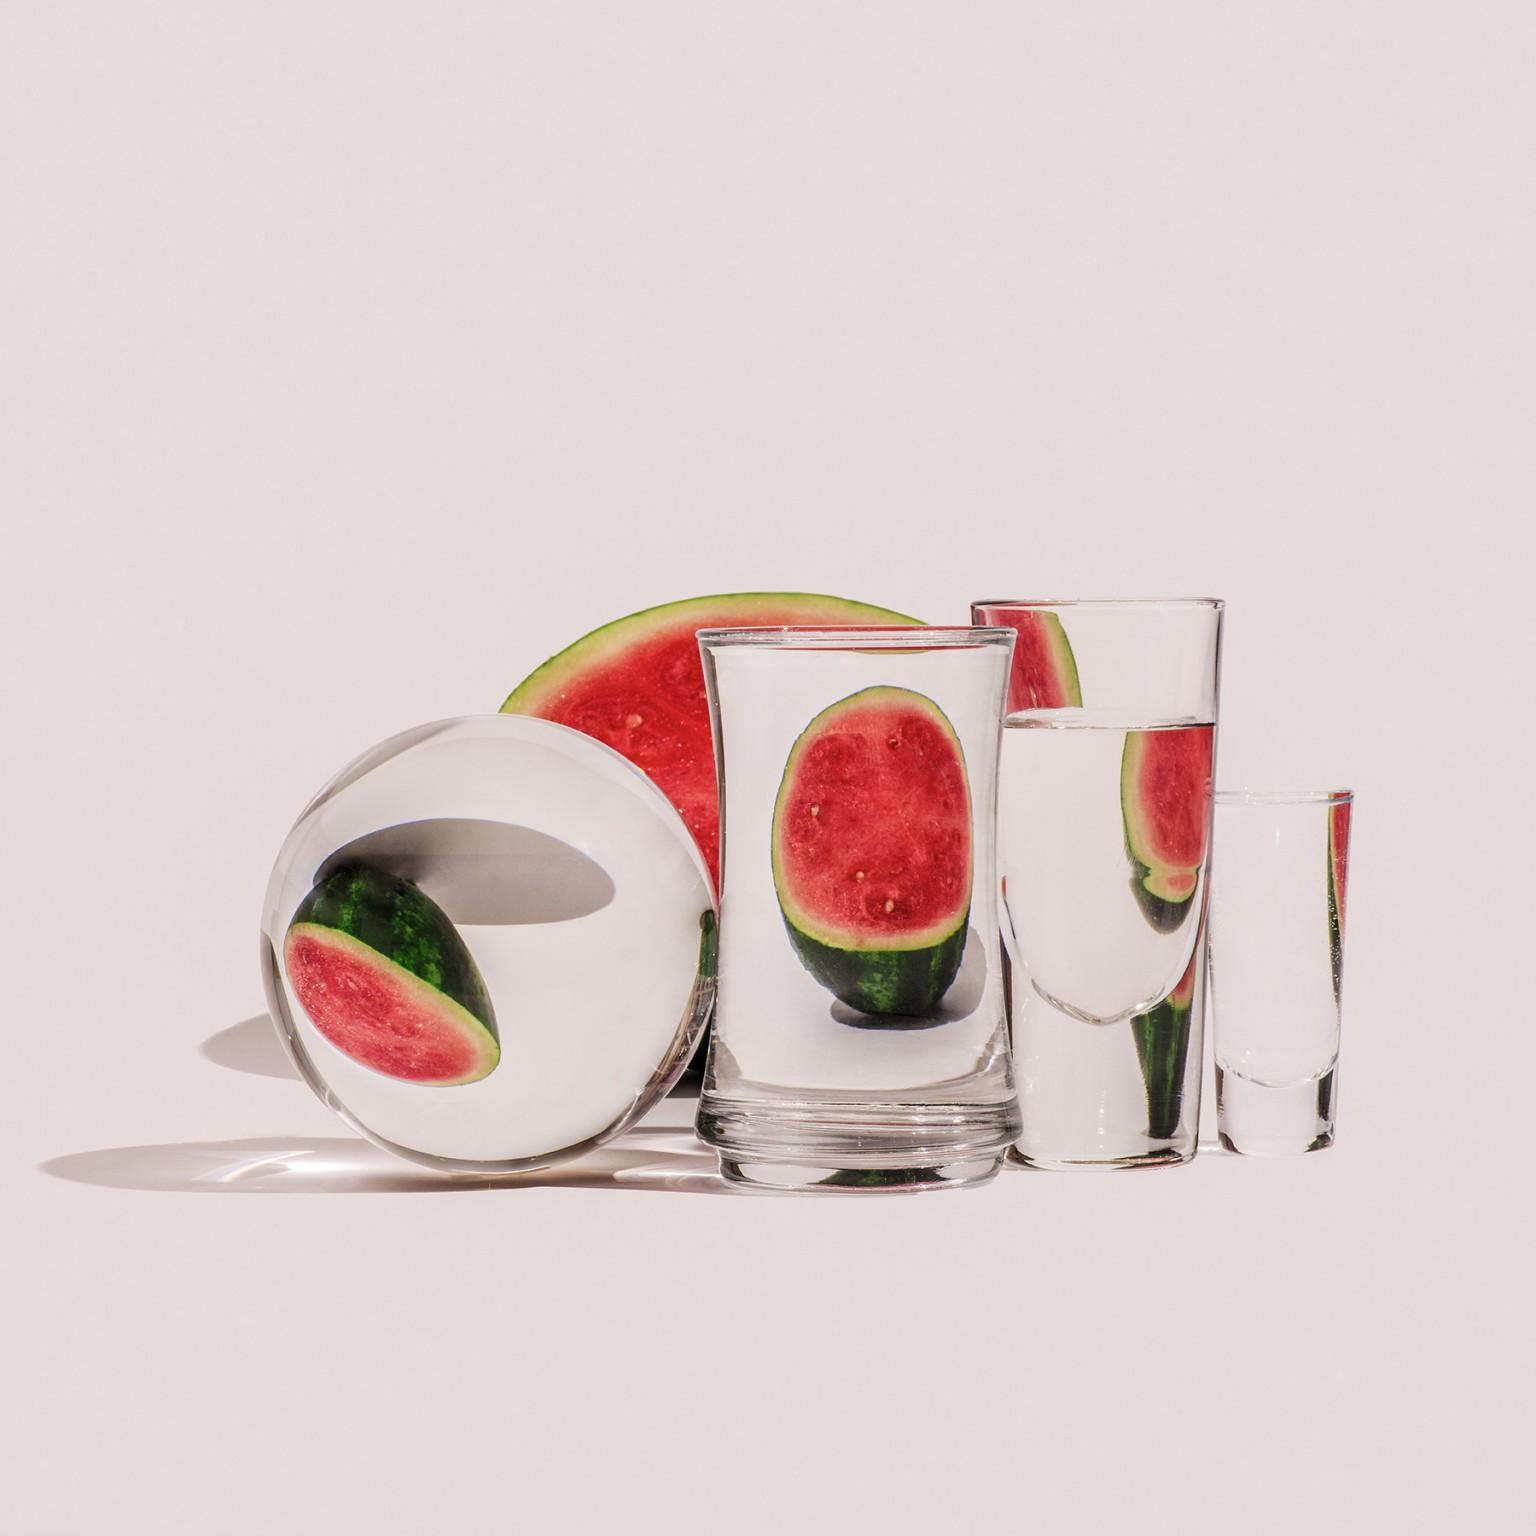 Perspective, le fotografie distorte di Suzanne Saroff | Collater.al 8